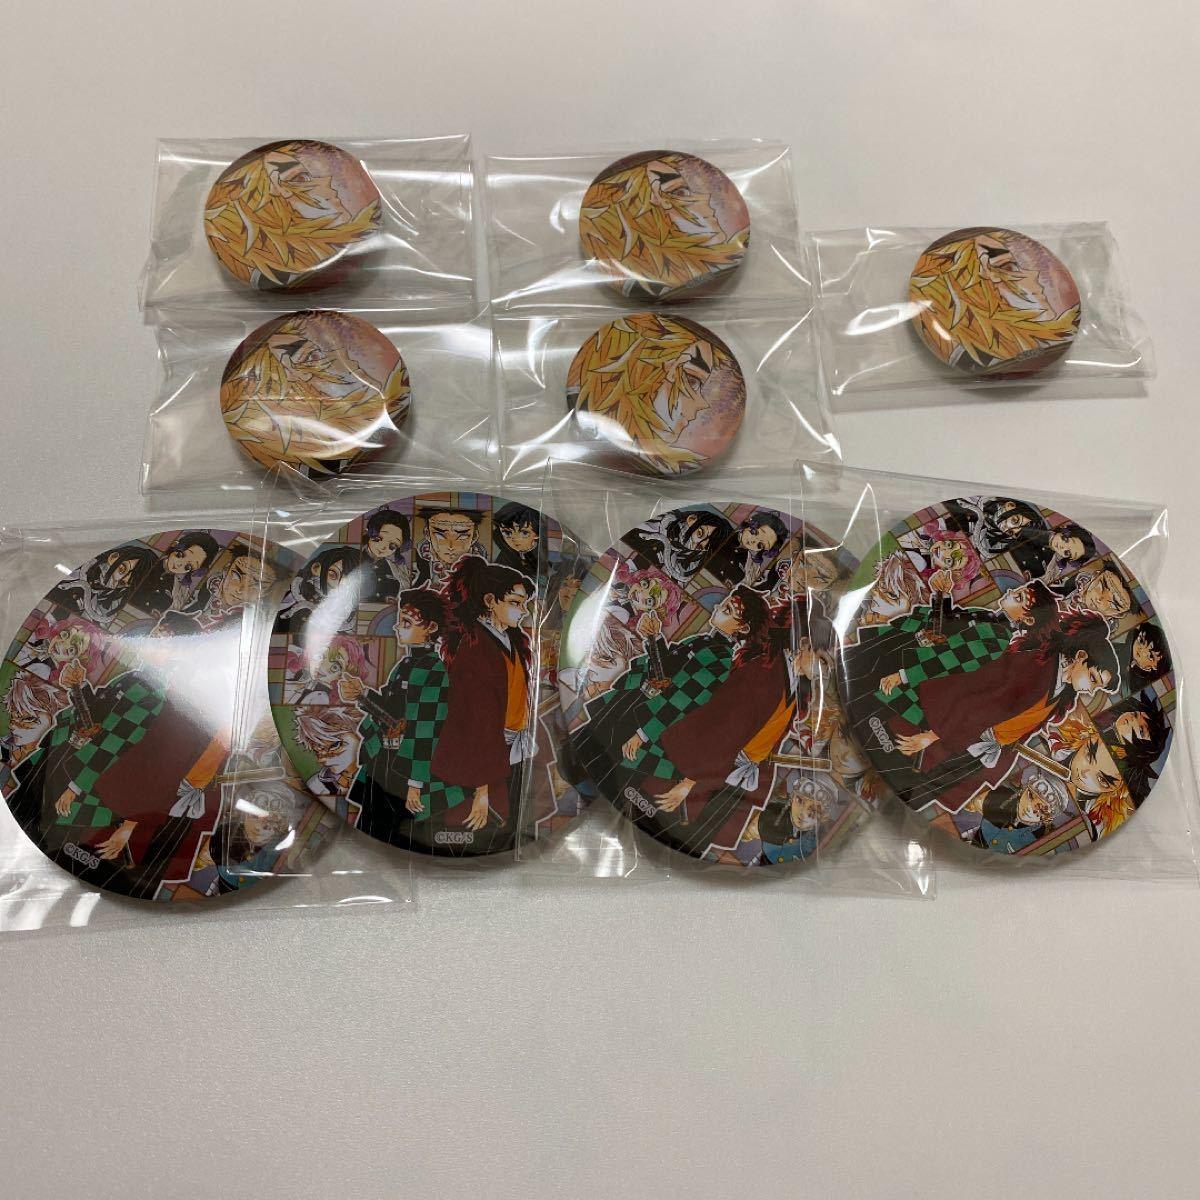 鬼滅の刃 22巻 特装版 缶バッジ 煉獄杏寿郎 集合柄